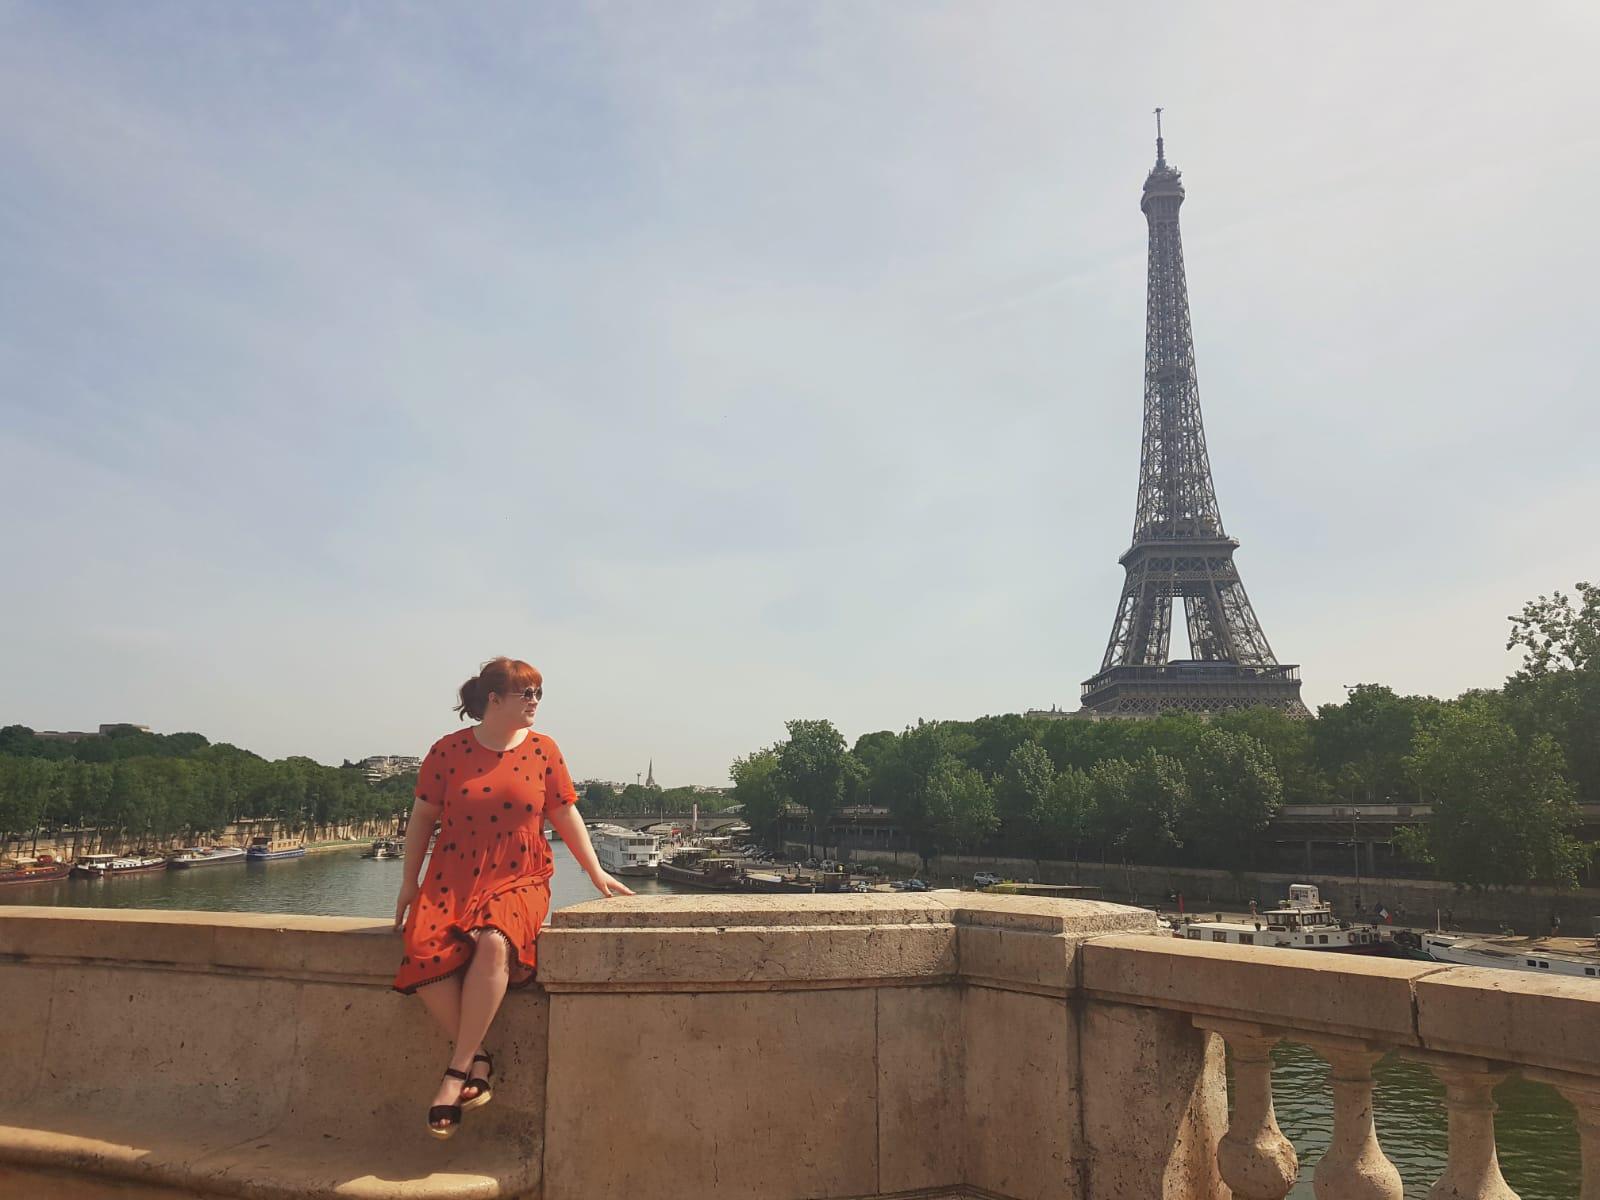 View of Eiffel Tower Isle Aux Cygnes Bir Hakeim